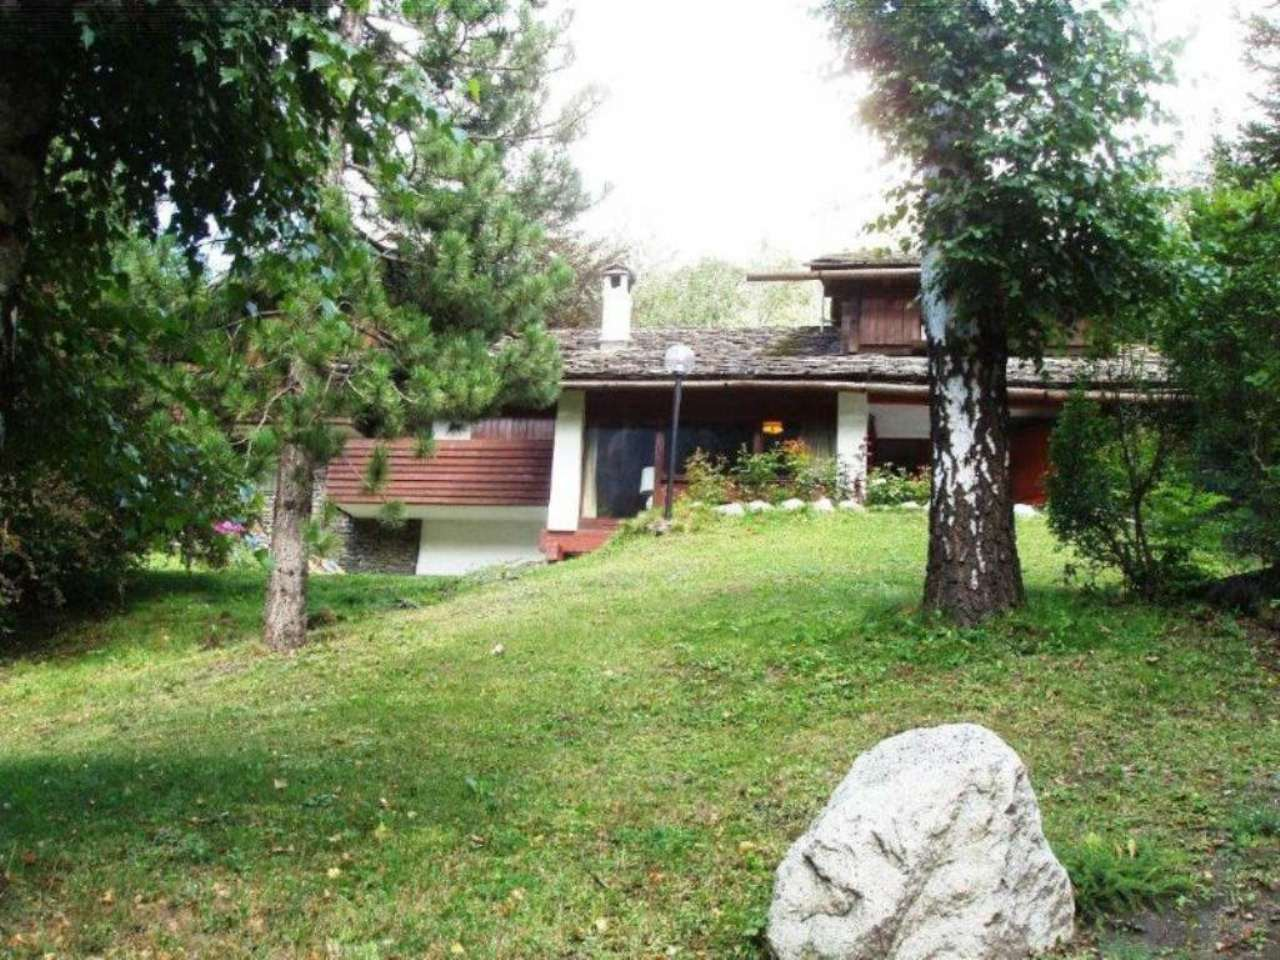 Villa in Vendita a Courmayeur via delle volpi